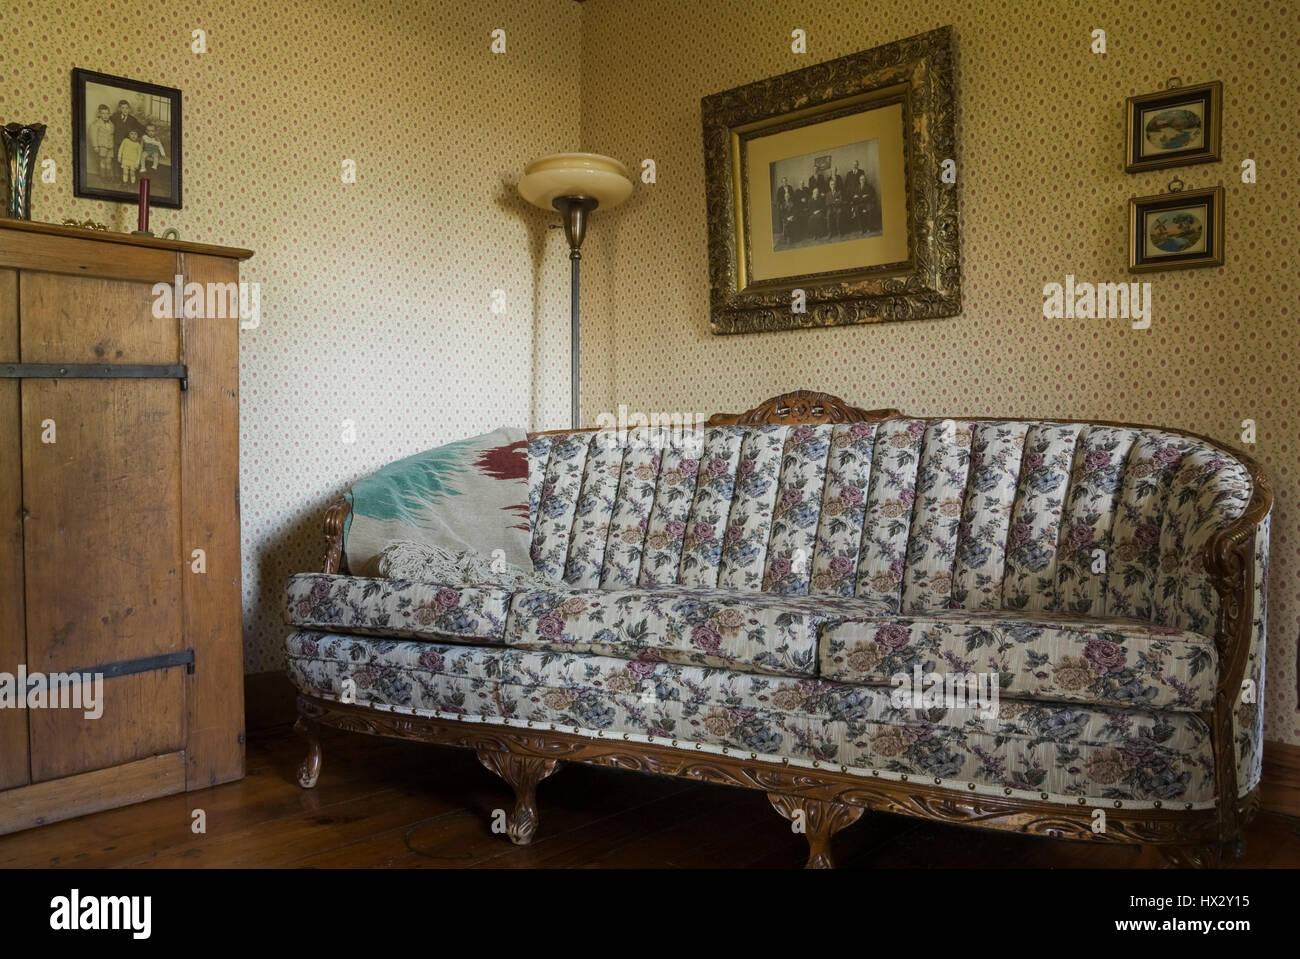 Arredamento Antico Interno Case : Come abbinare arredamento classico e moderno insieme